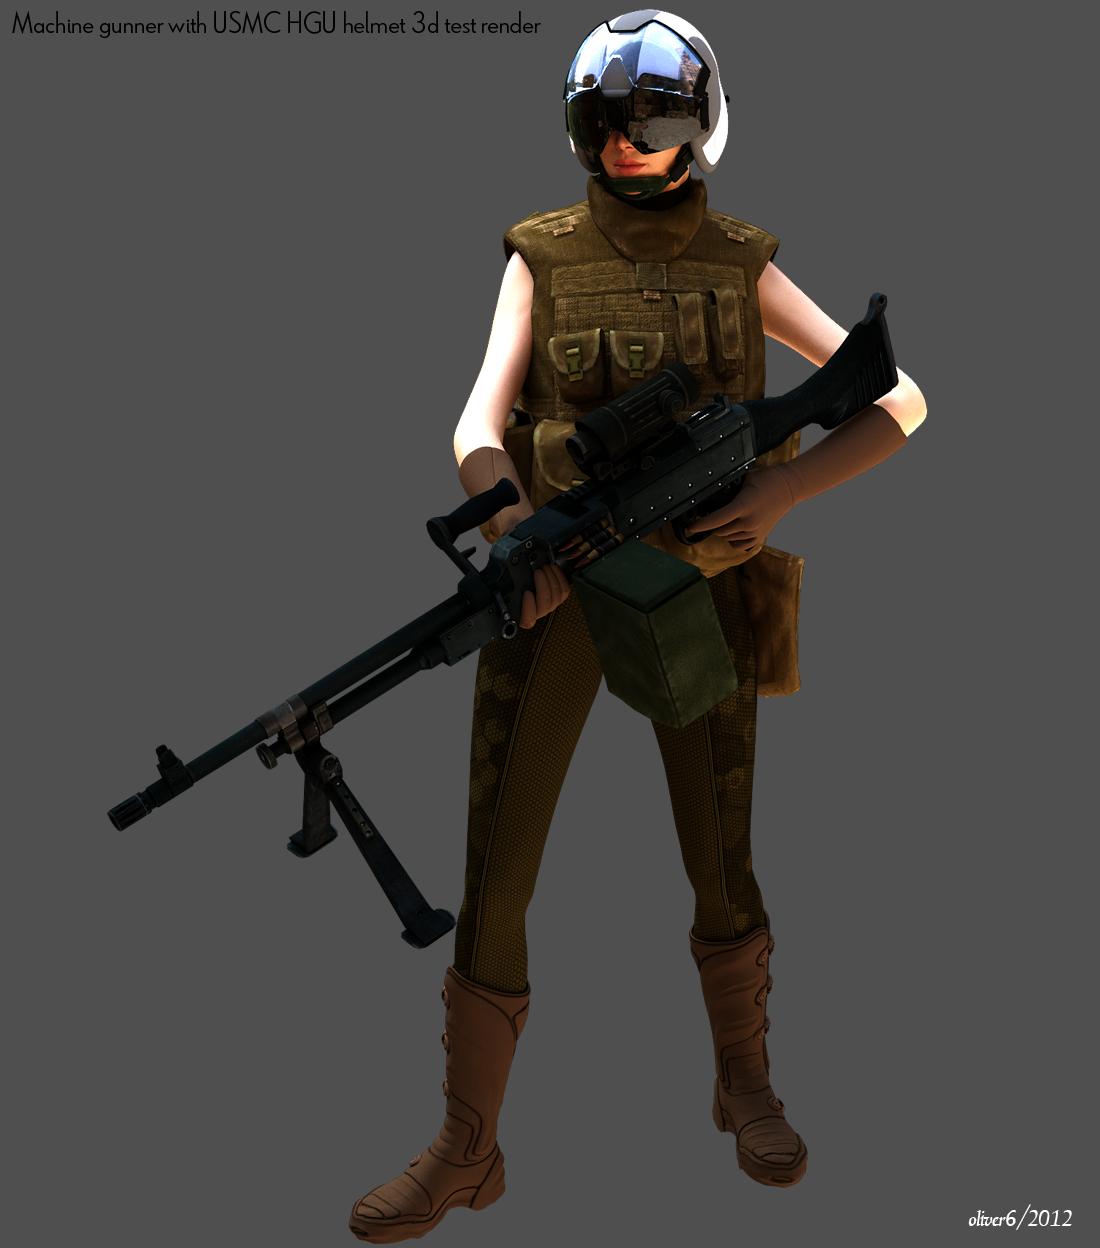 Machine gunner with USMC HGU Helmet by freiheitskampfer on DeviantArt